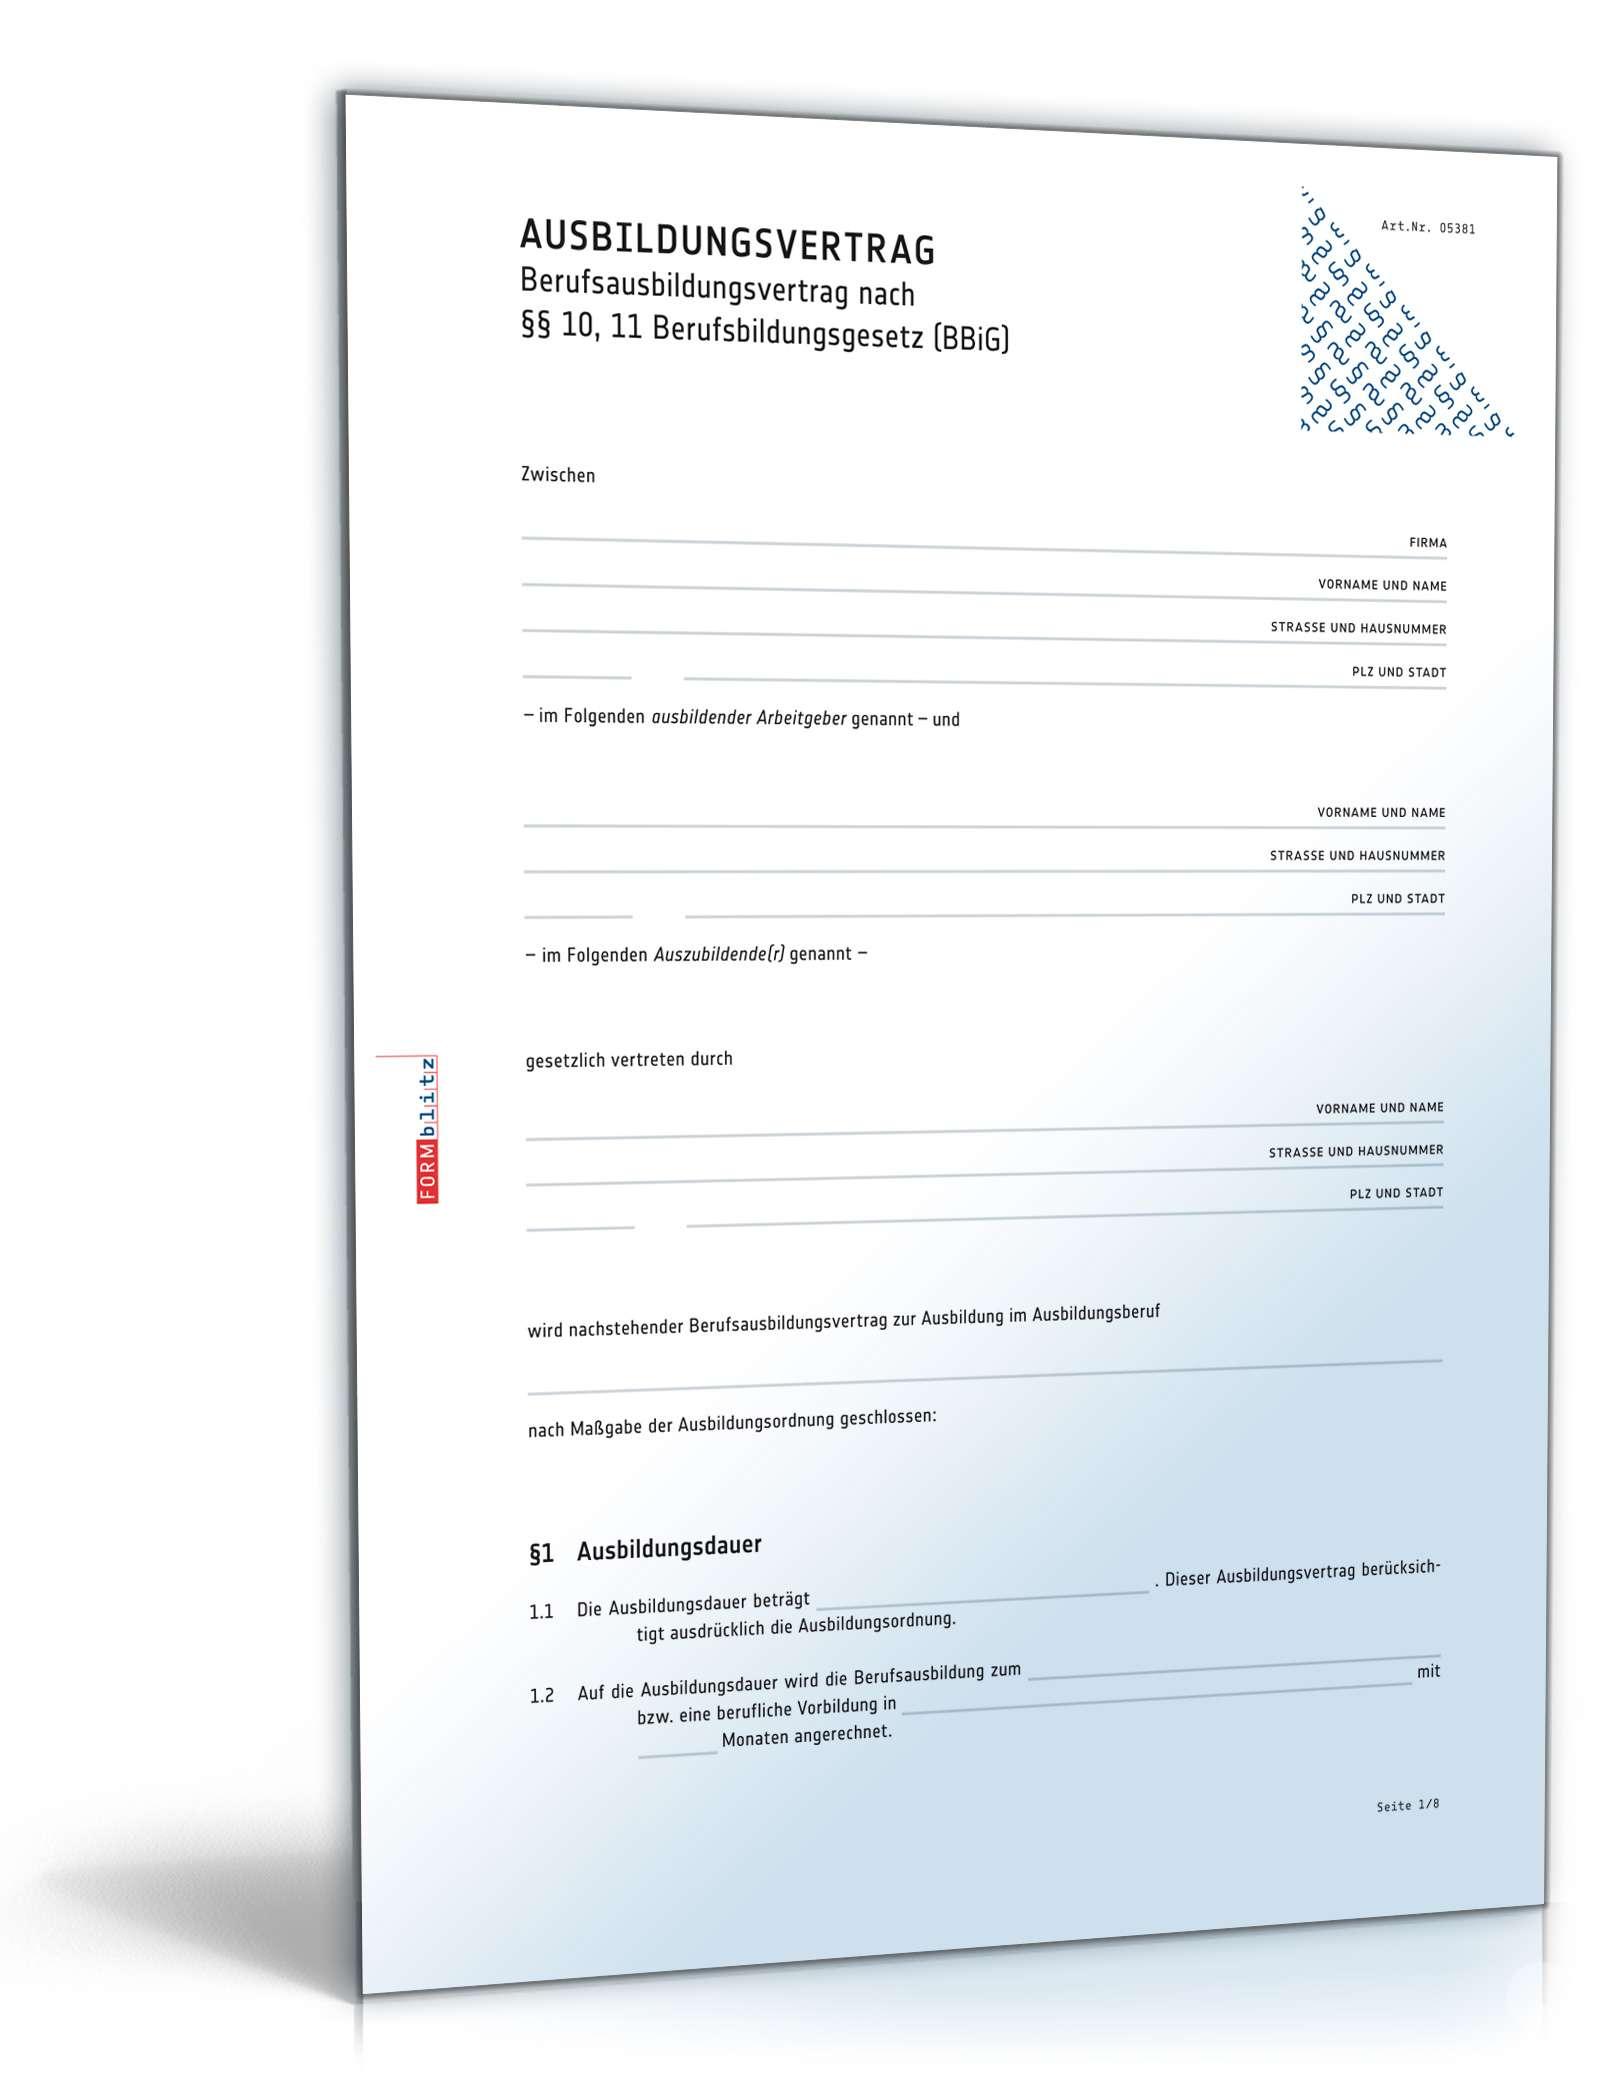 Ausbildungsvertrag | Muster für Arbeitsvertrag zum Download